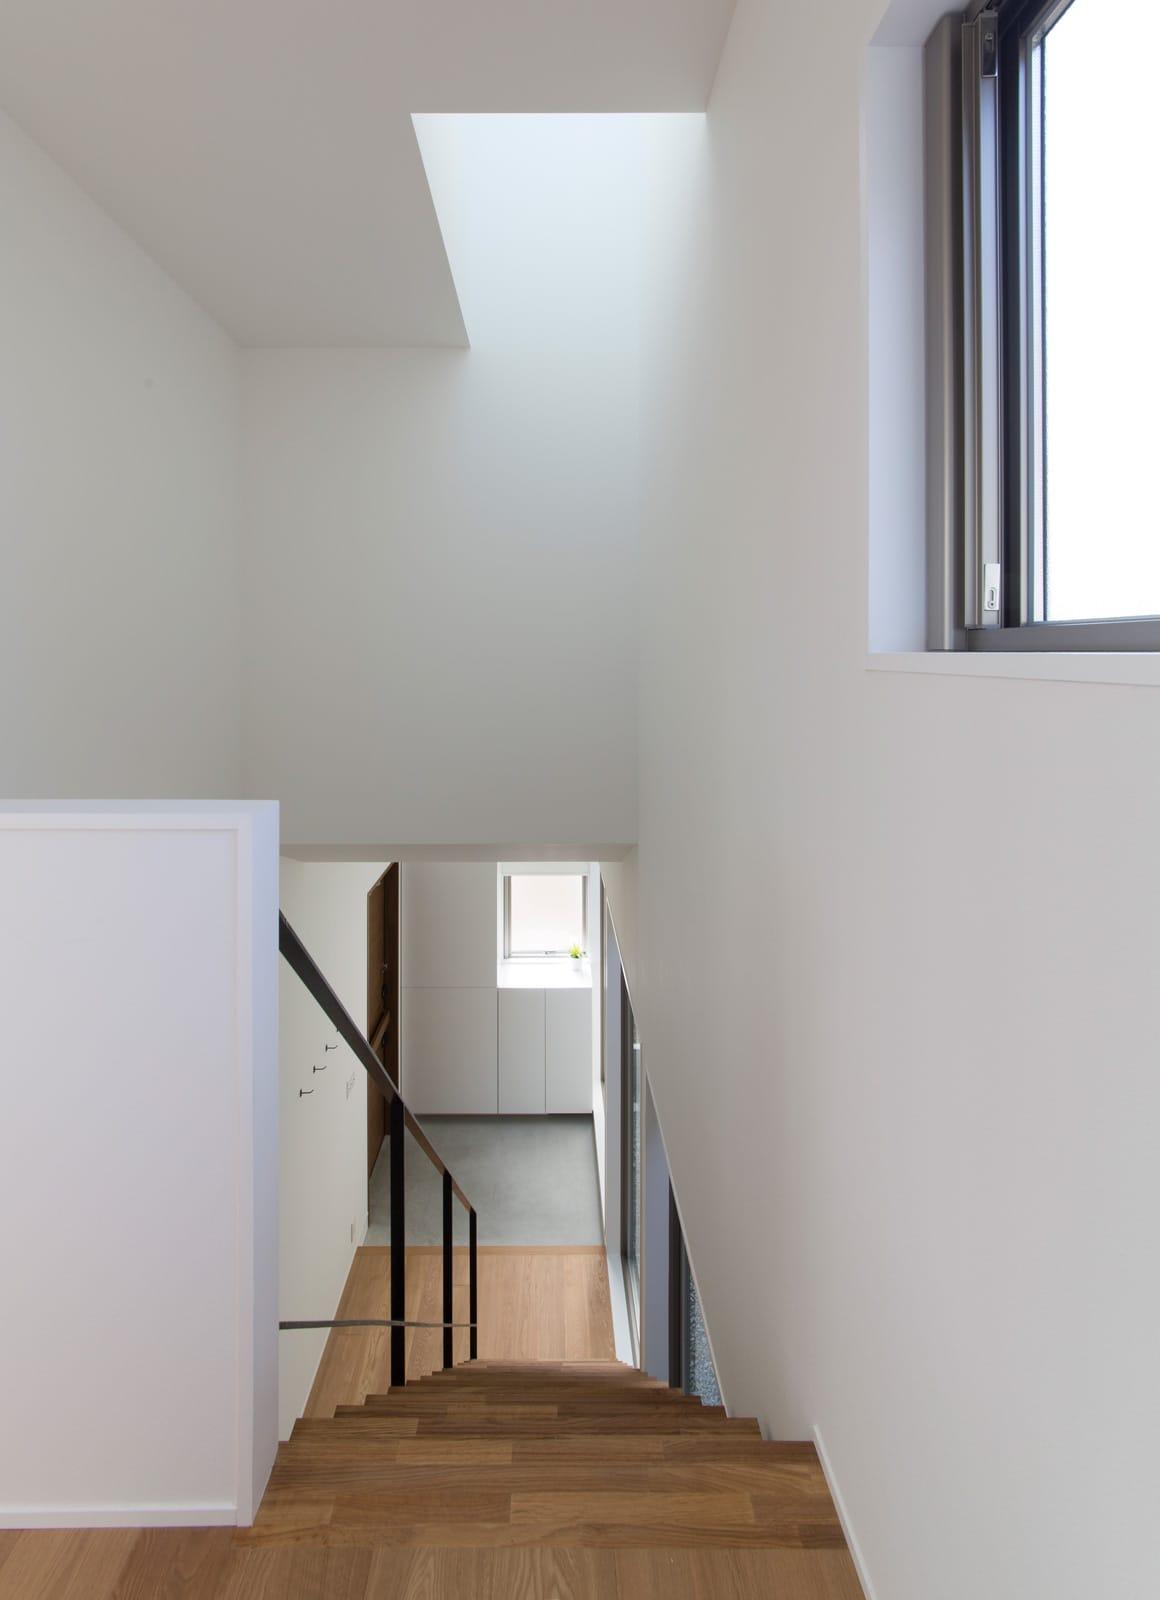 塩屋 No.1 ハウスの階段3